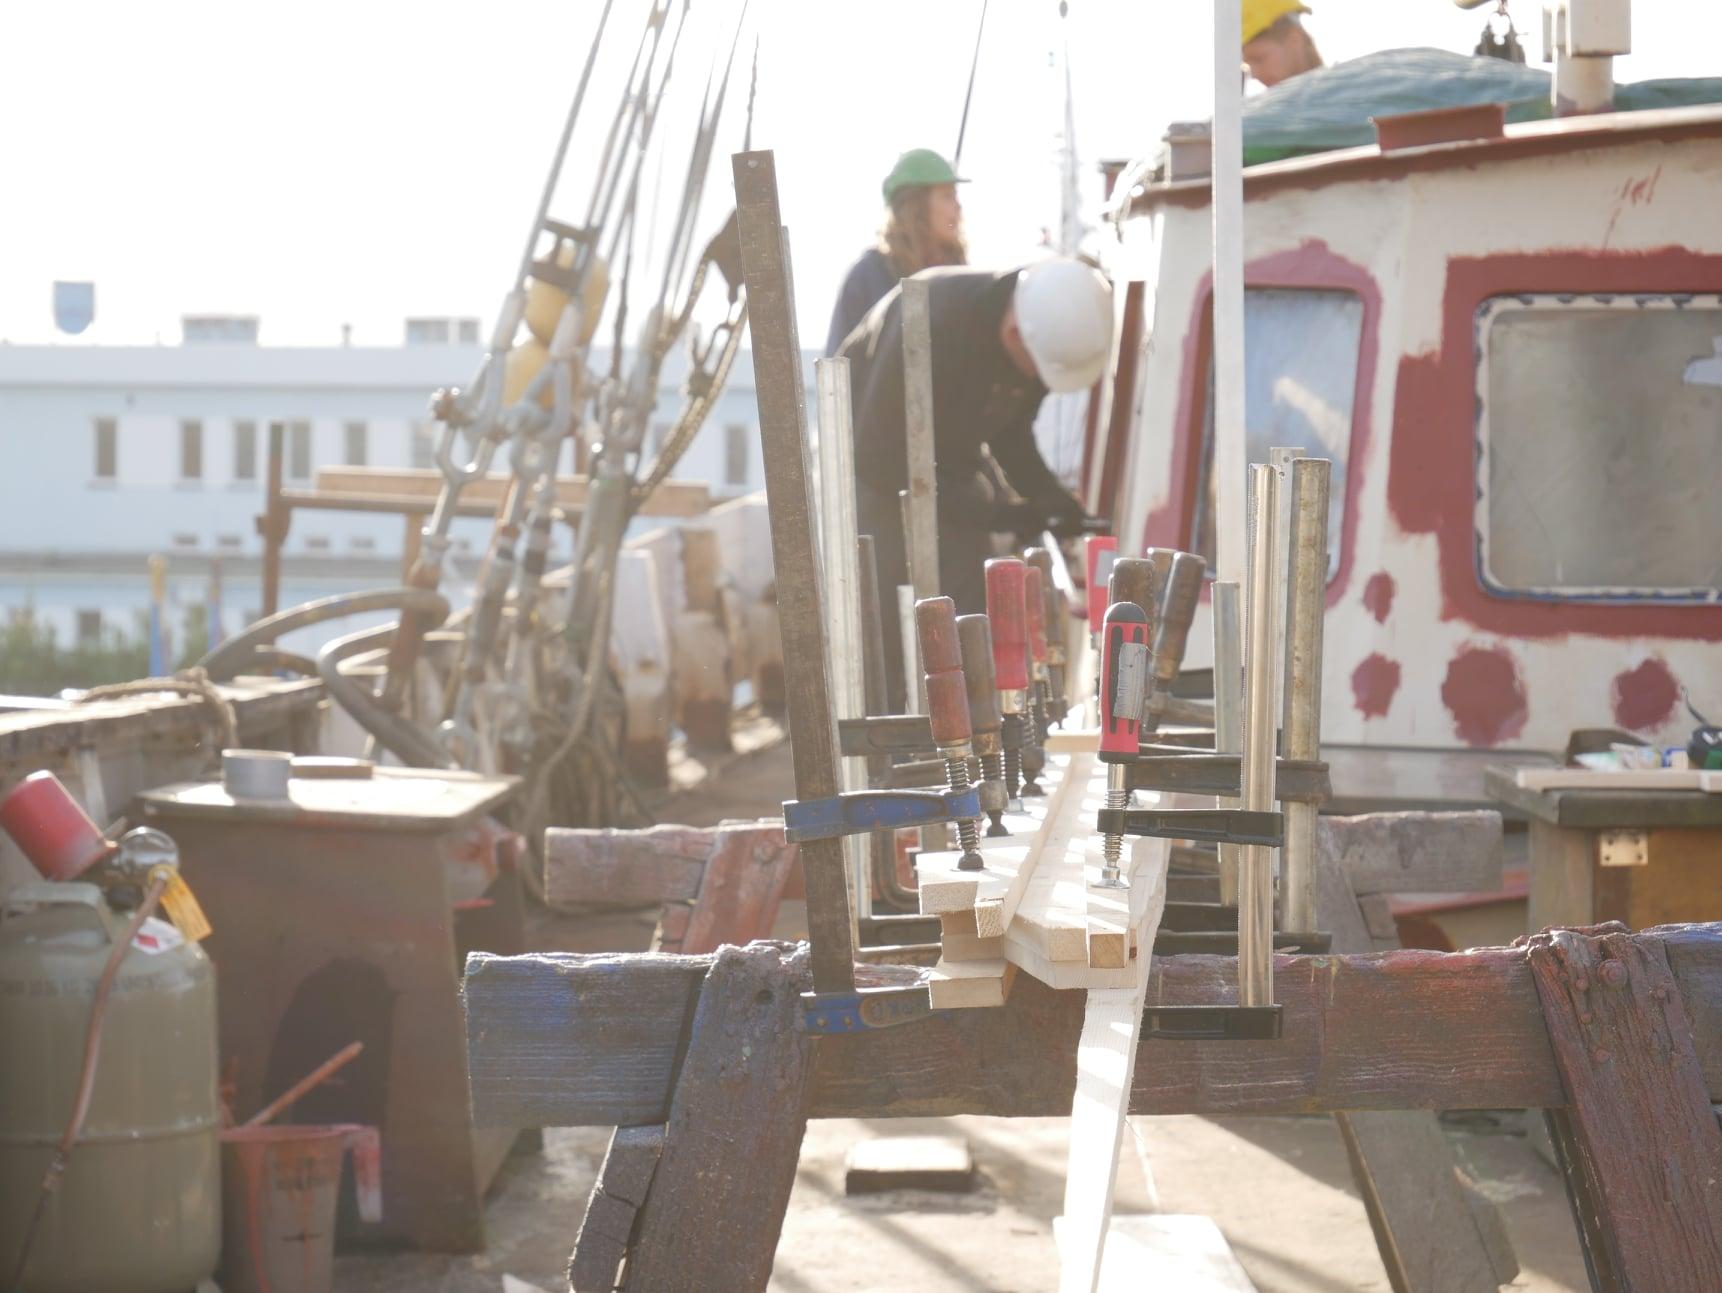 Werftblogeintrag vom 03.08.20